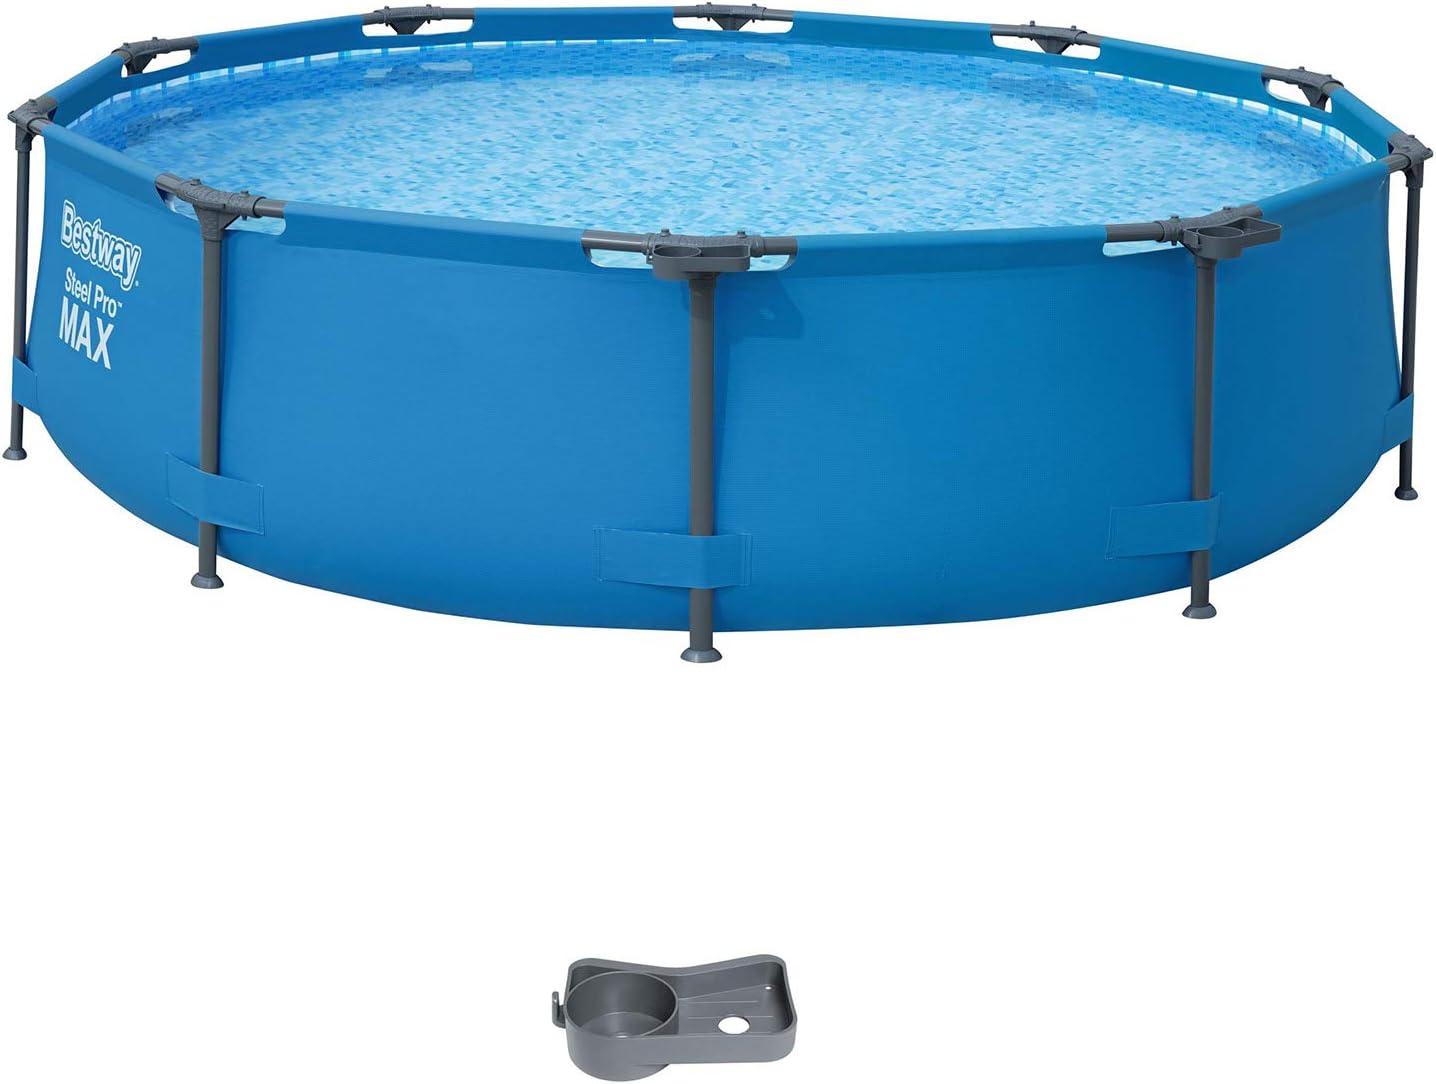 Bestway Steel Pro MAX Framepool ohne Pumpe, rund, 305 x 76 cm Piscina, Azul: Amazon.es: Jardín